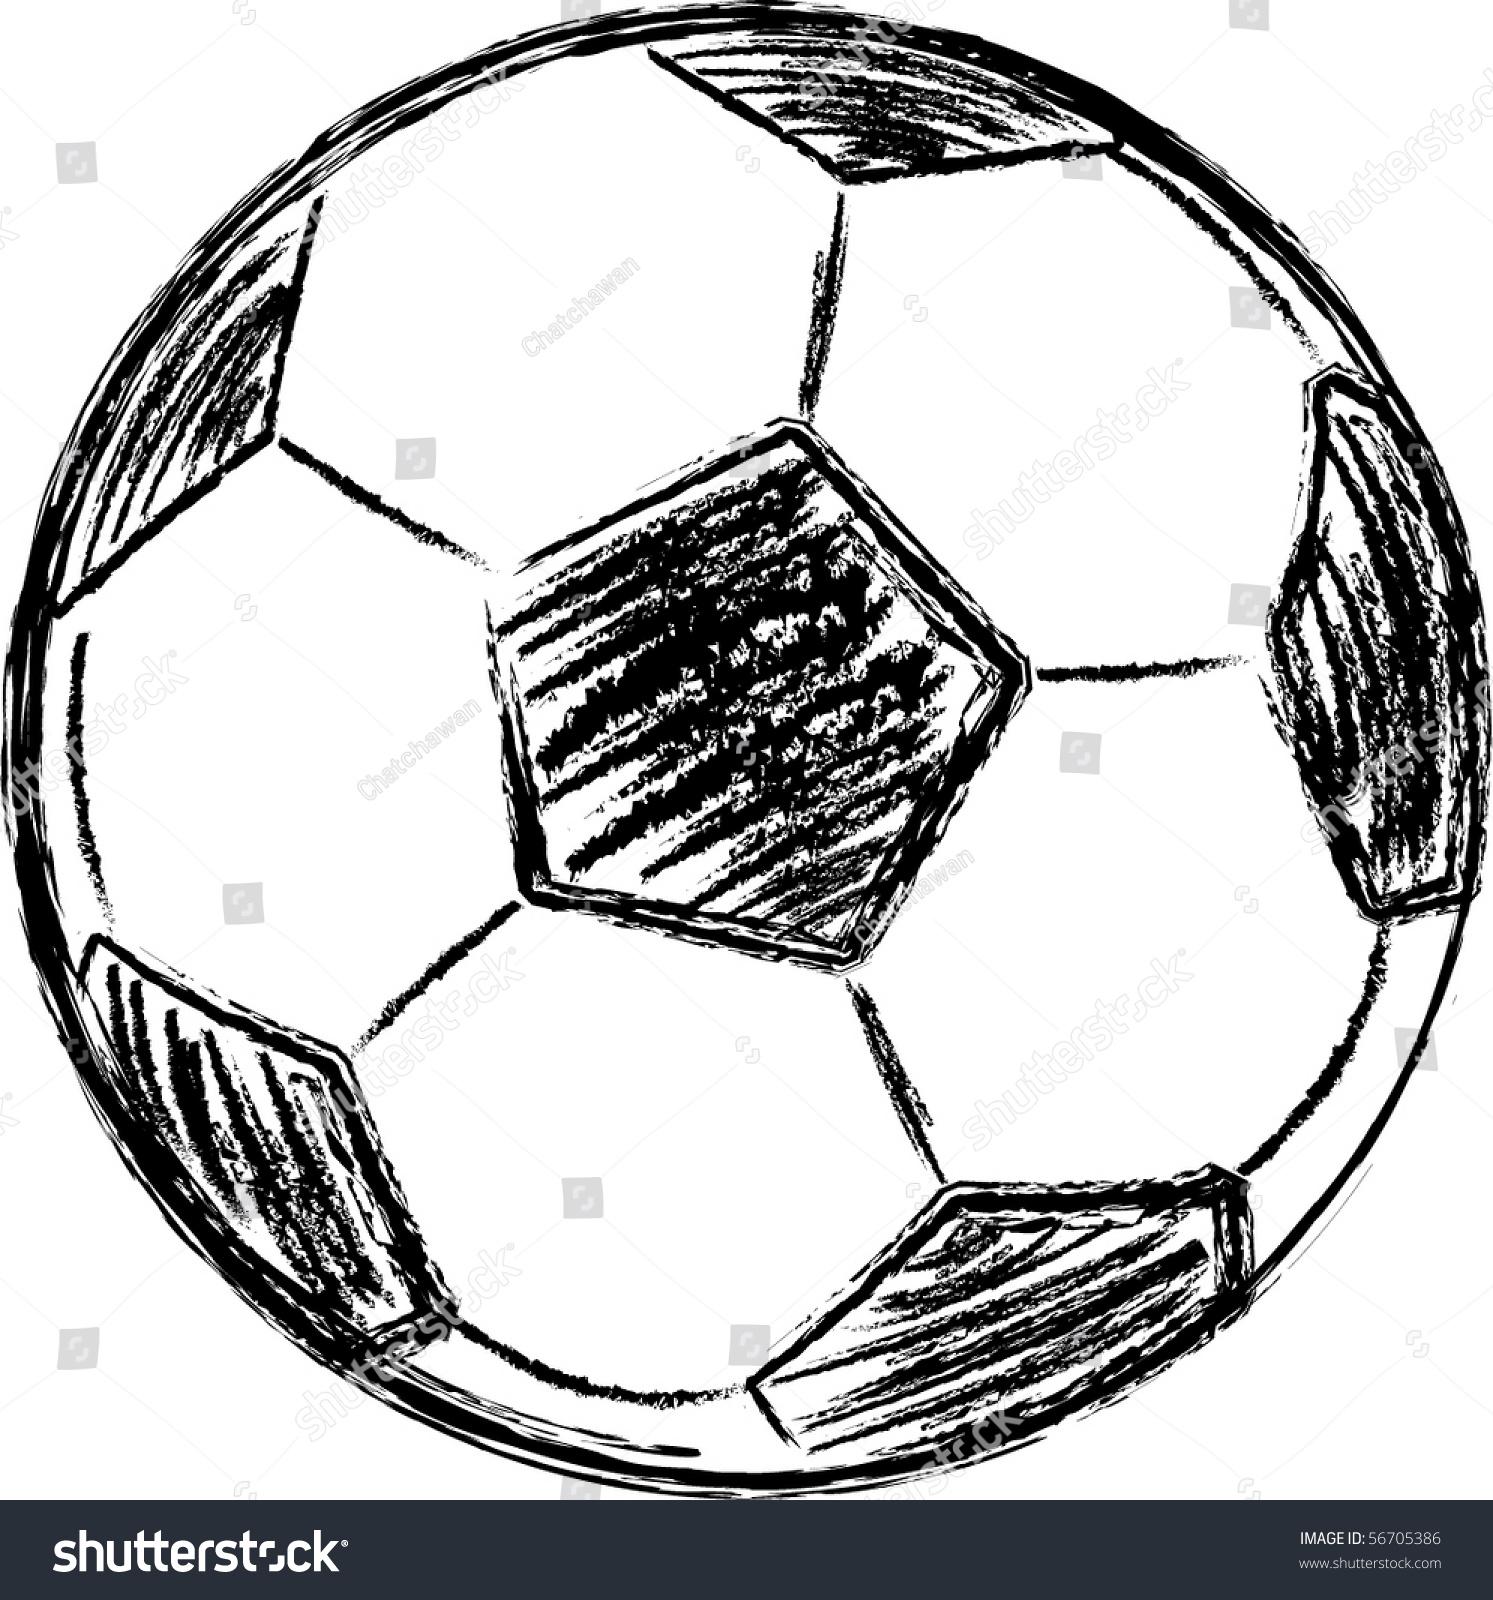 Vector Football Sketch - 56705386  Shutterstock